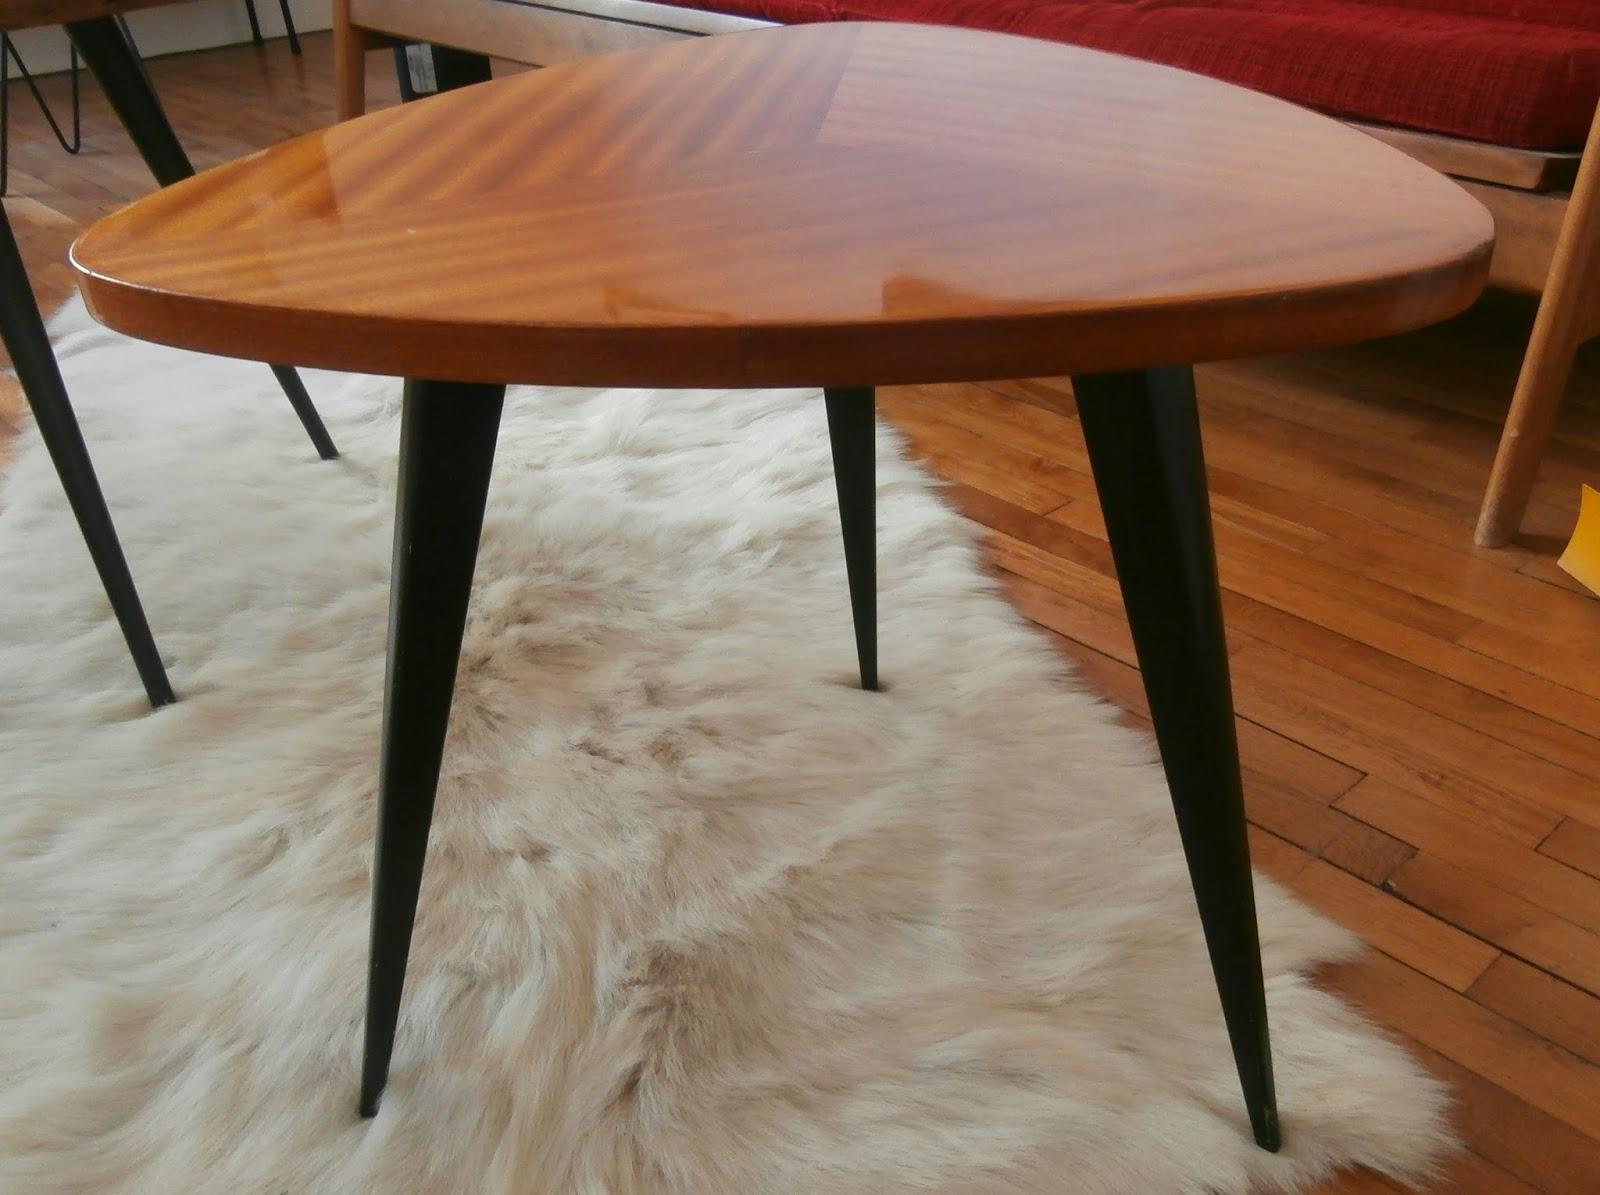 Dur e de vie ind termin e table basse tripode - Table basse rehaussable ...